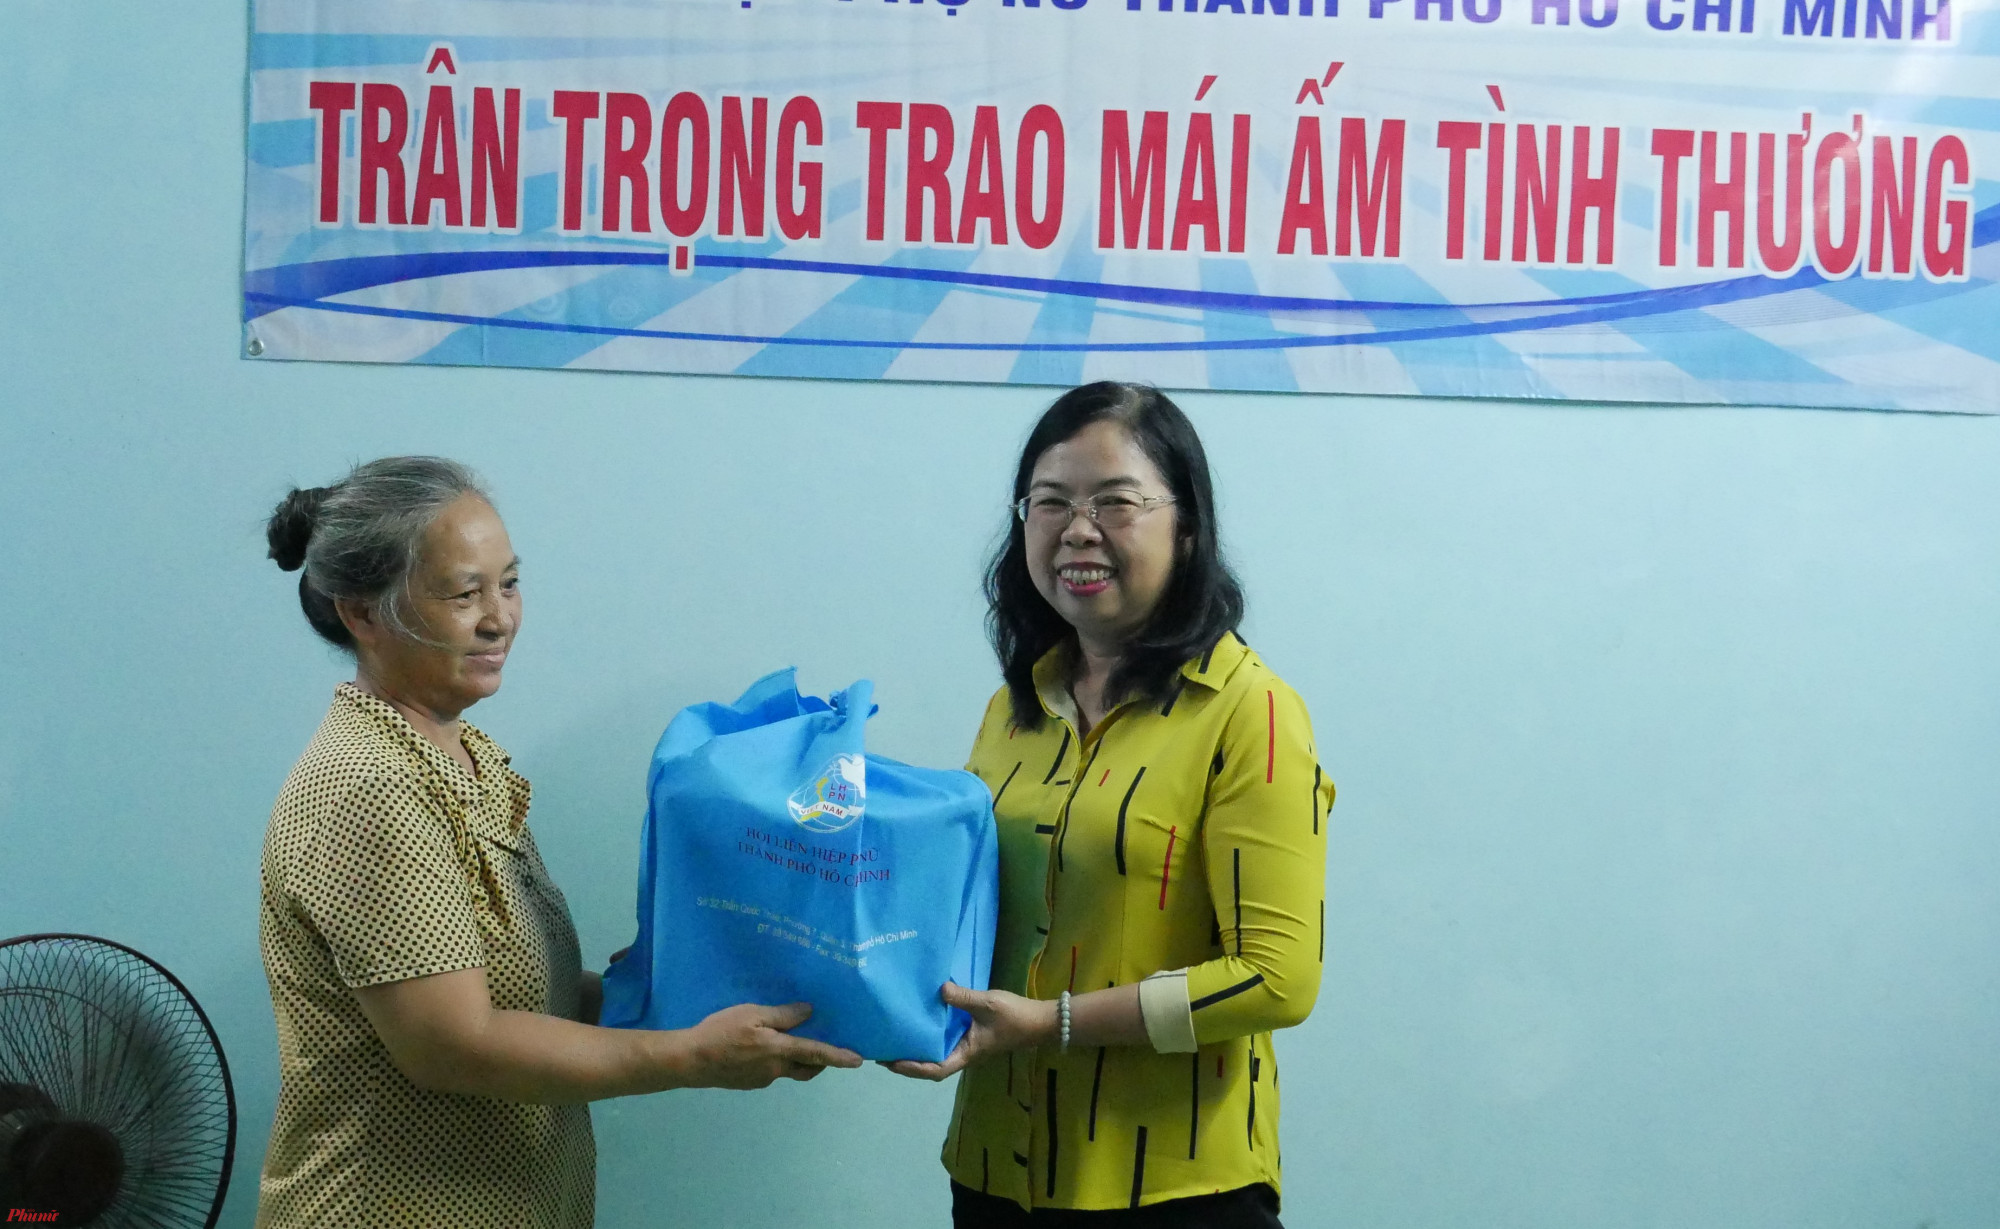 Bà Đỗ Thị Chánh, Phó Chủ tịch Hội LHPN TP.HCM tặng quà chúc mừng dì Tuyết trong ngày nhận mái ấm tình thương.